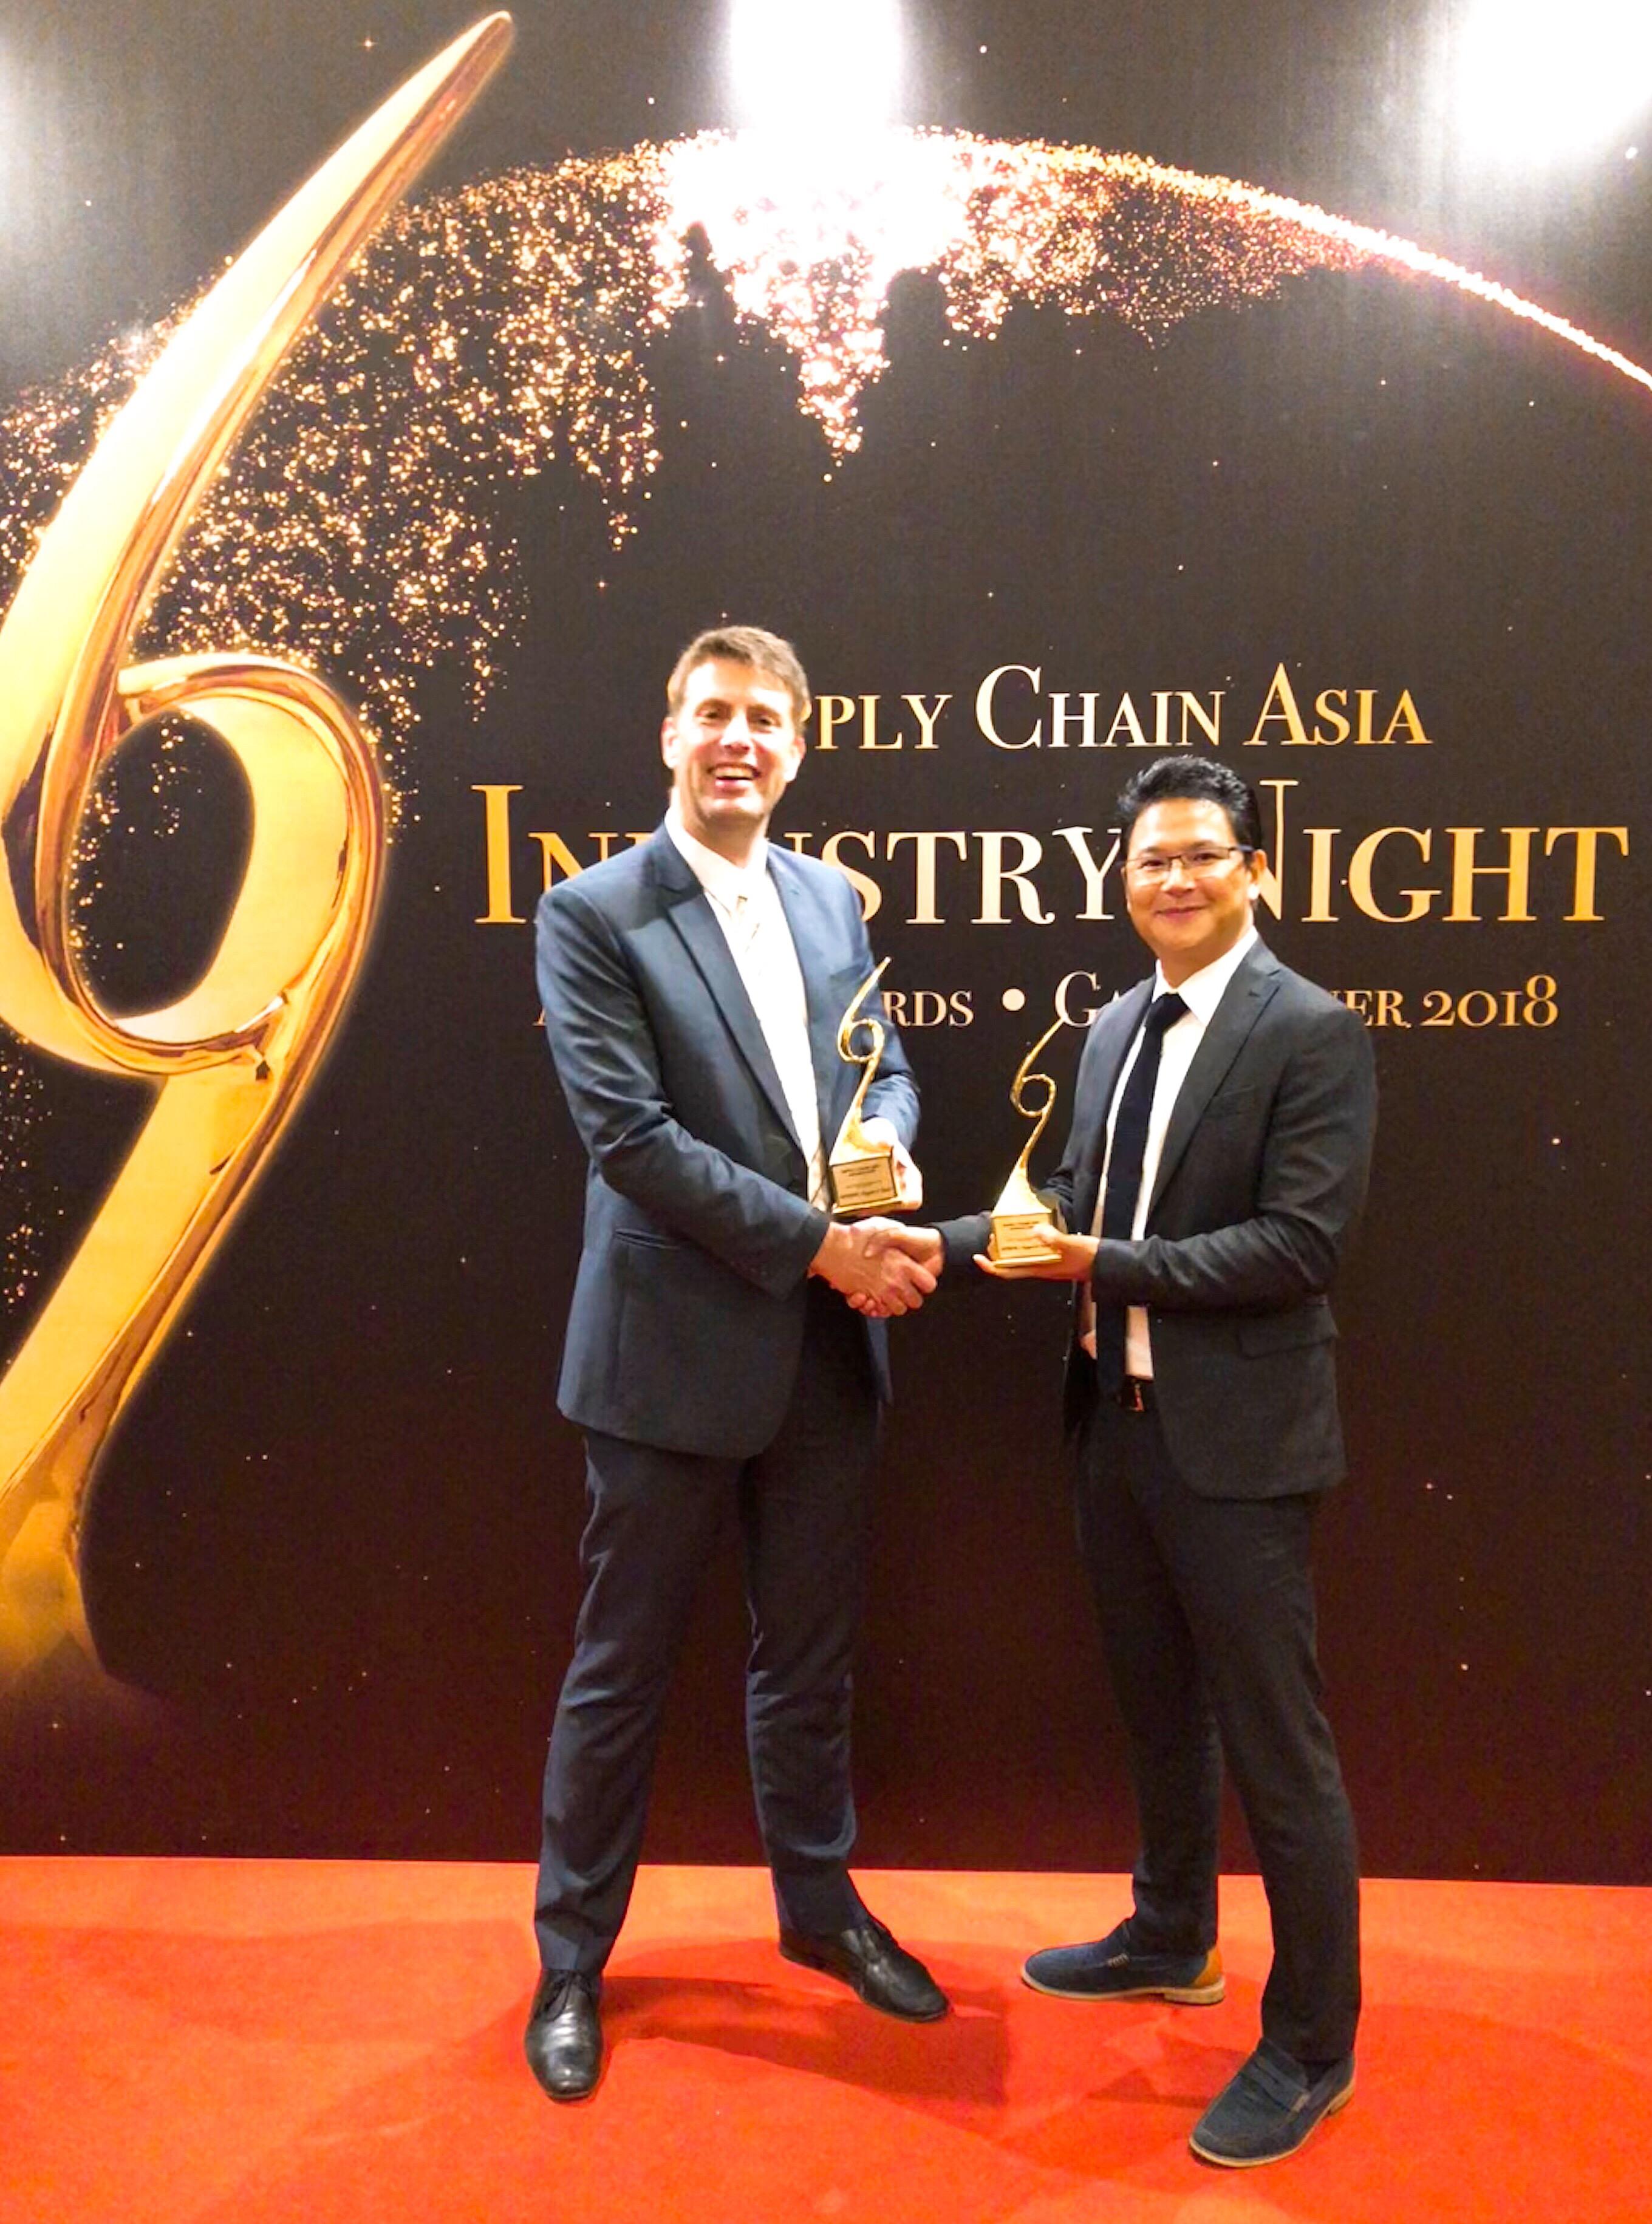 Hohe Auszeichnung: Pepperl + Fuchs und WITRON erhalten in Asien wichtigen Award